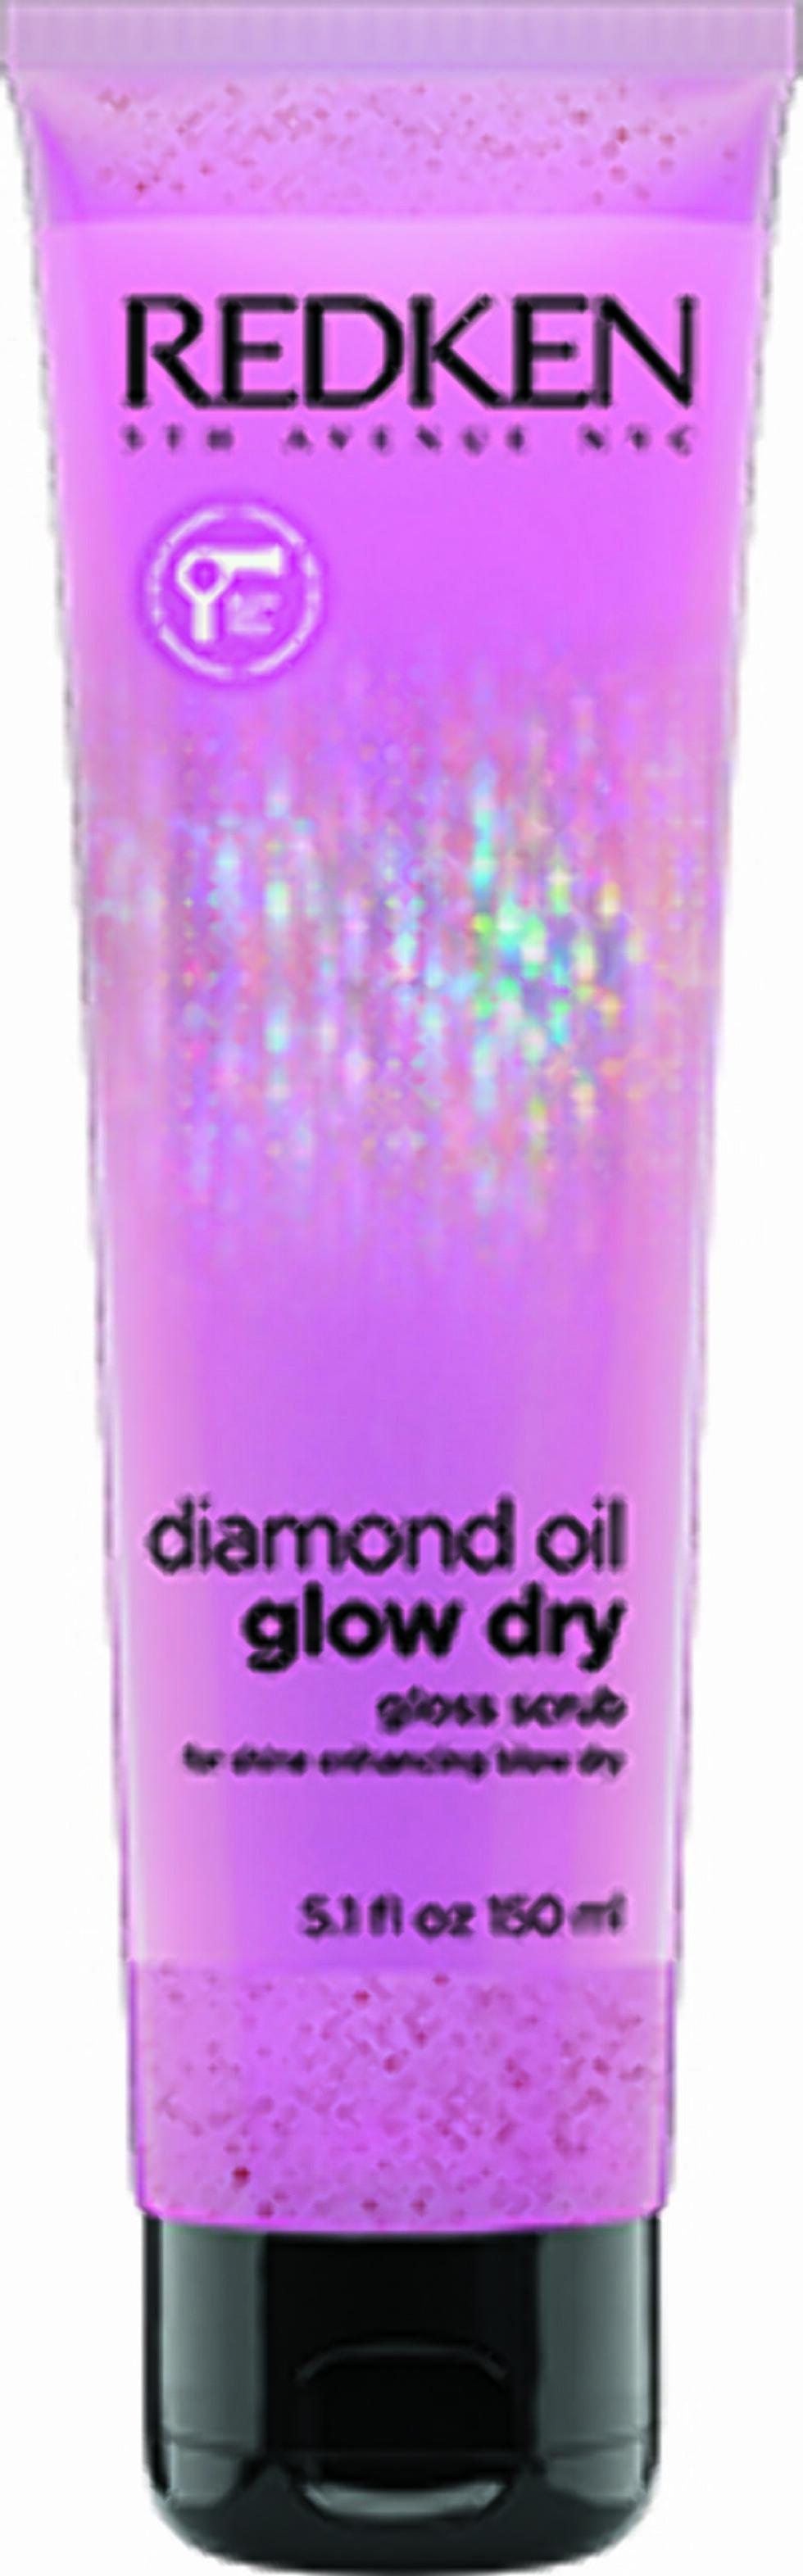 Redken, Diamond Oil Glow Dry, Gloss Scrub (kr 250).